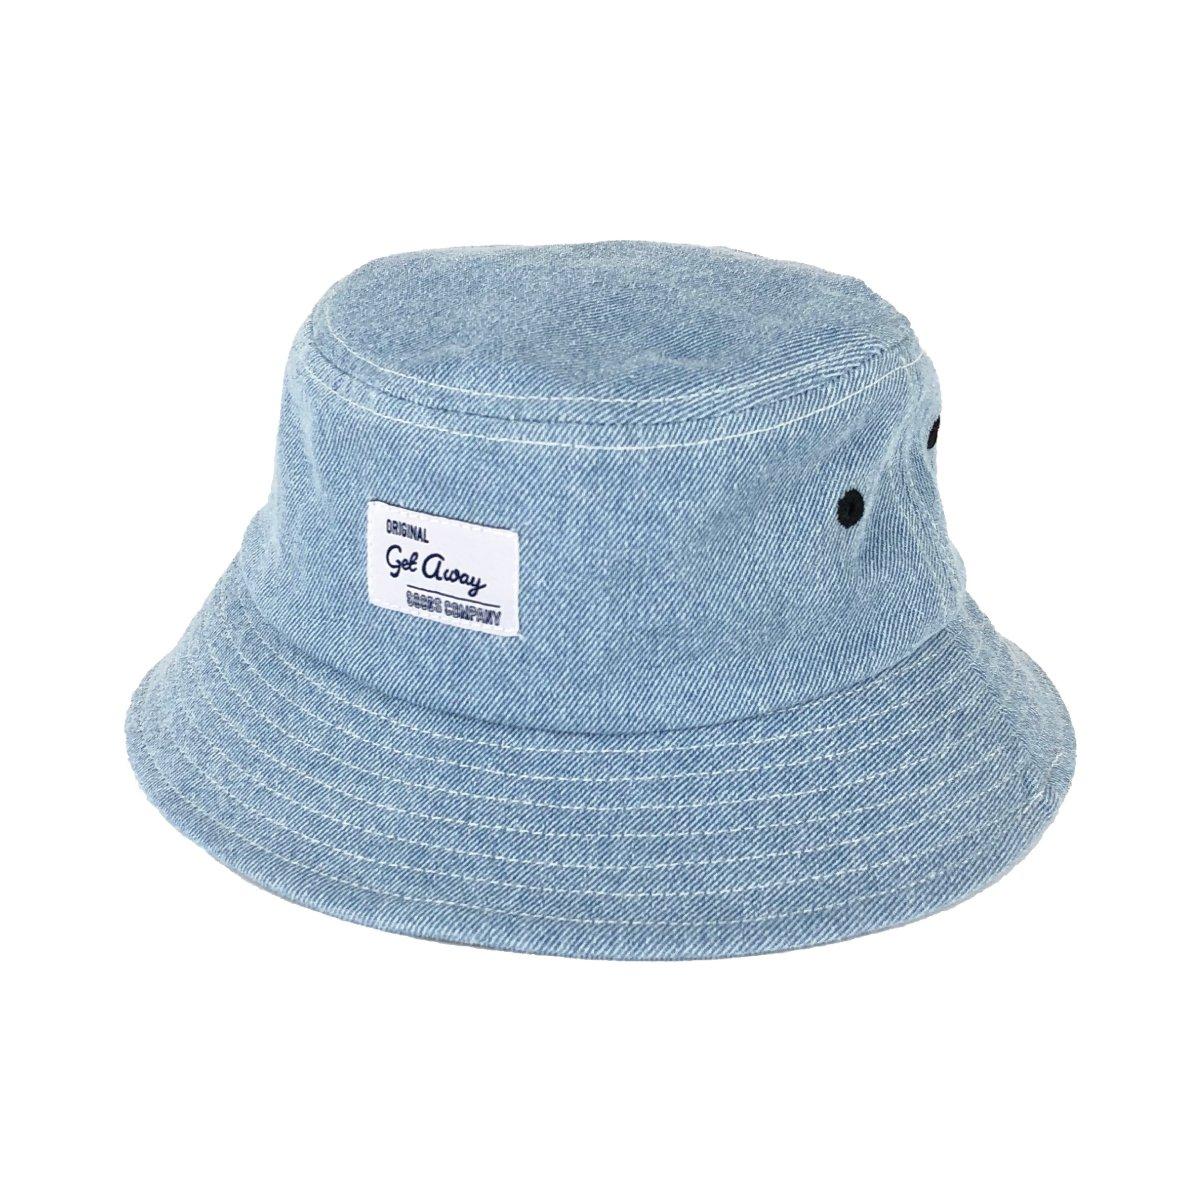 【BABY】Denim Wash Hat 詳細画像1